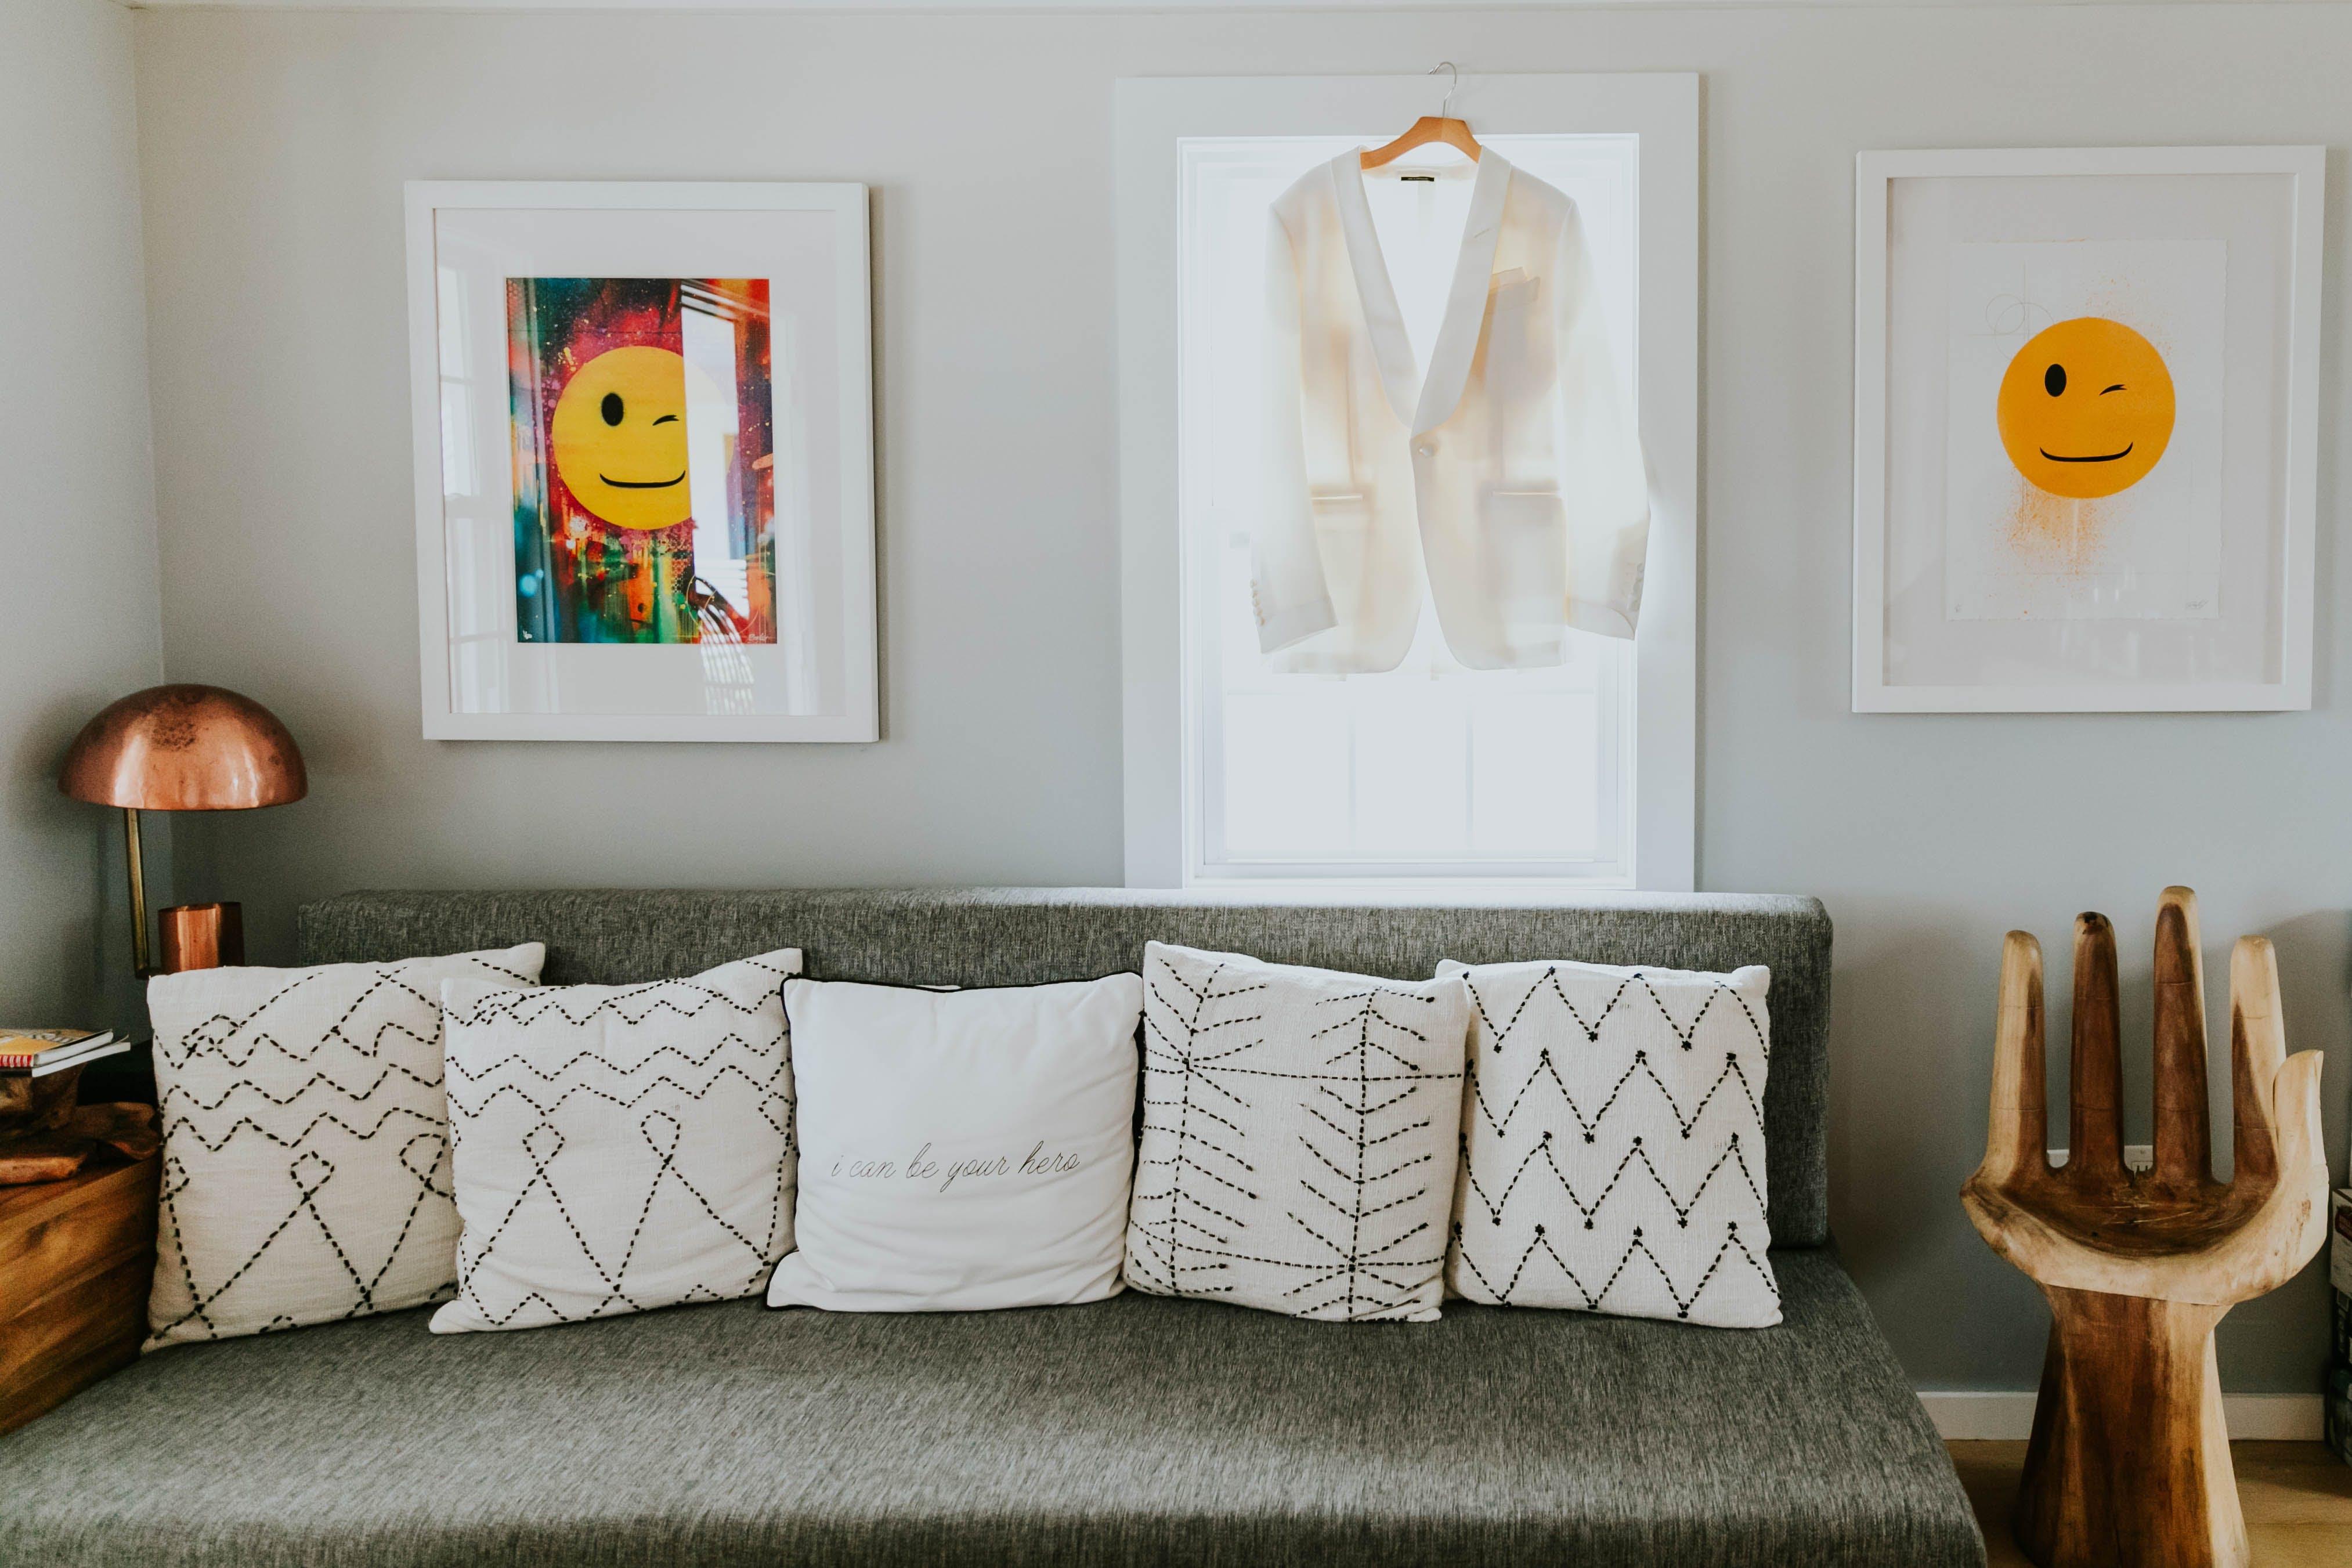 Δωρεάν στοκ φωτογραφιών με blazer, άνετος, δωμάτιο, έπιπλα